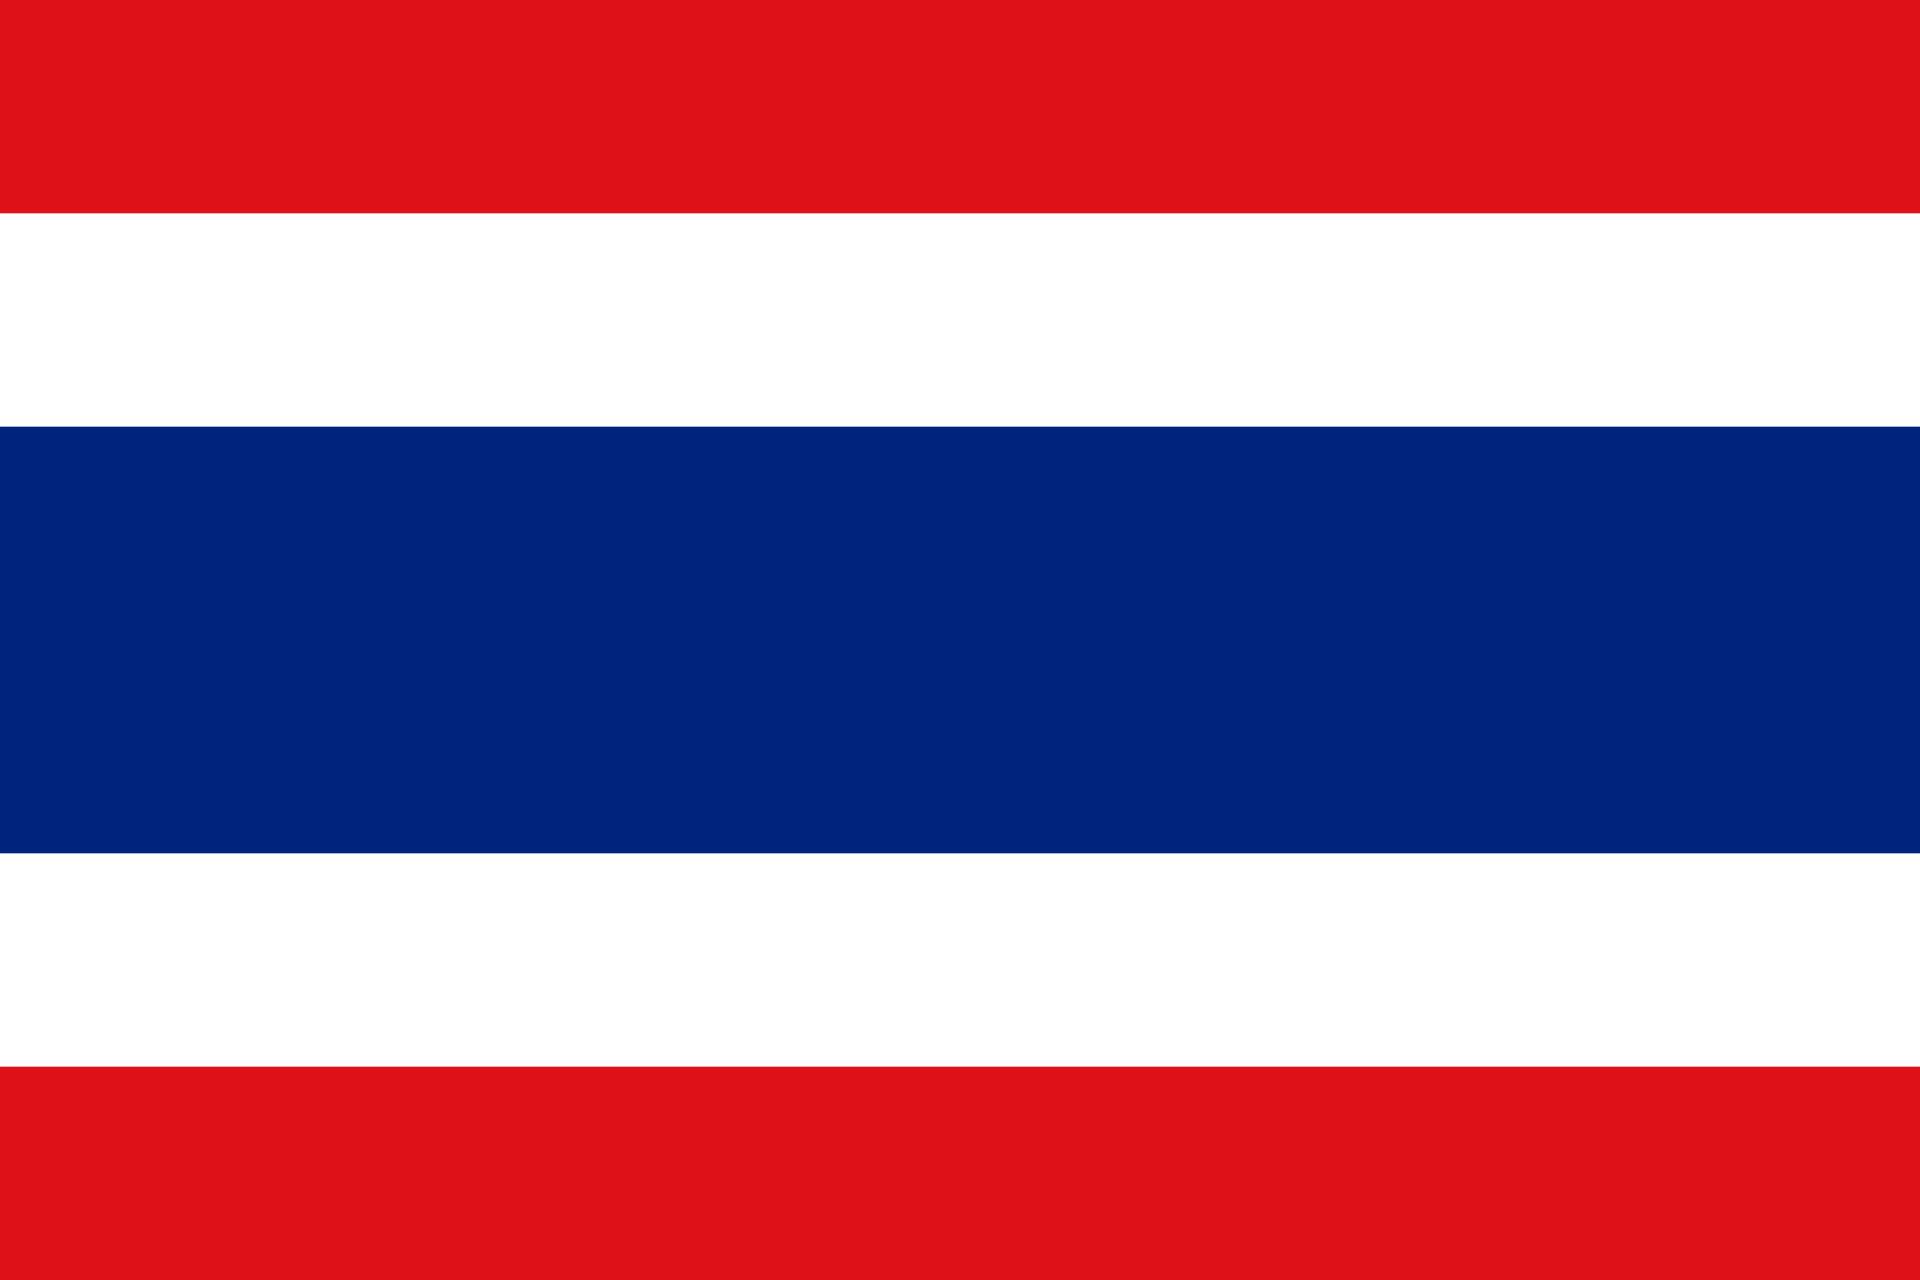 Thailand Reise- und Länderinformation. Thailand Flagge. Rot, weiß, blau gestreift